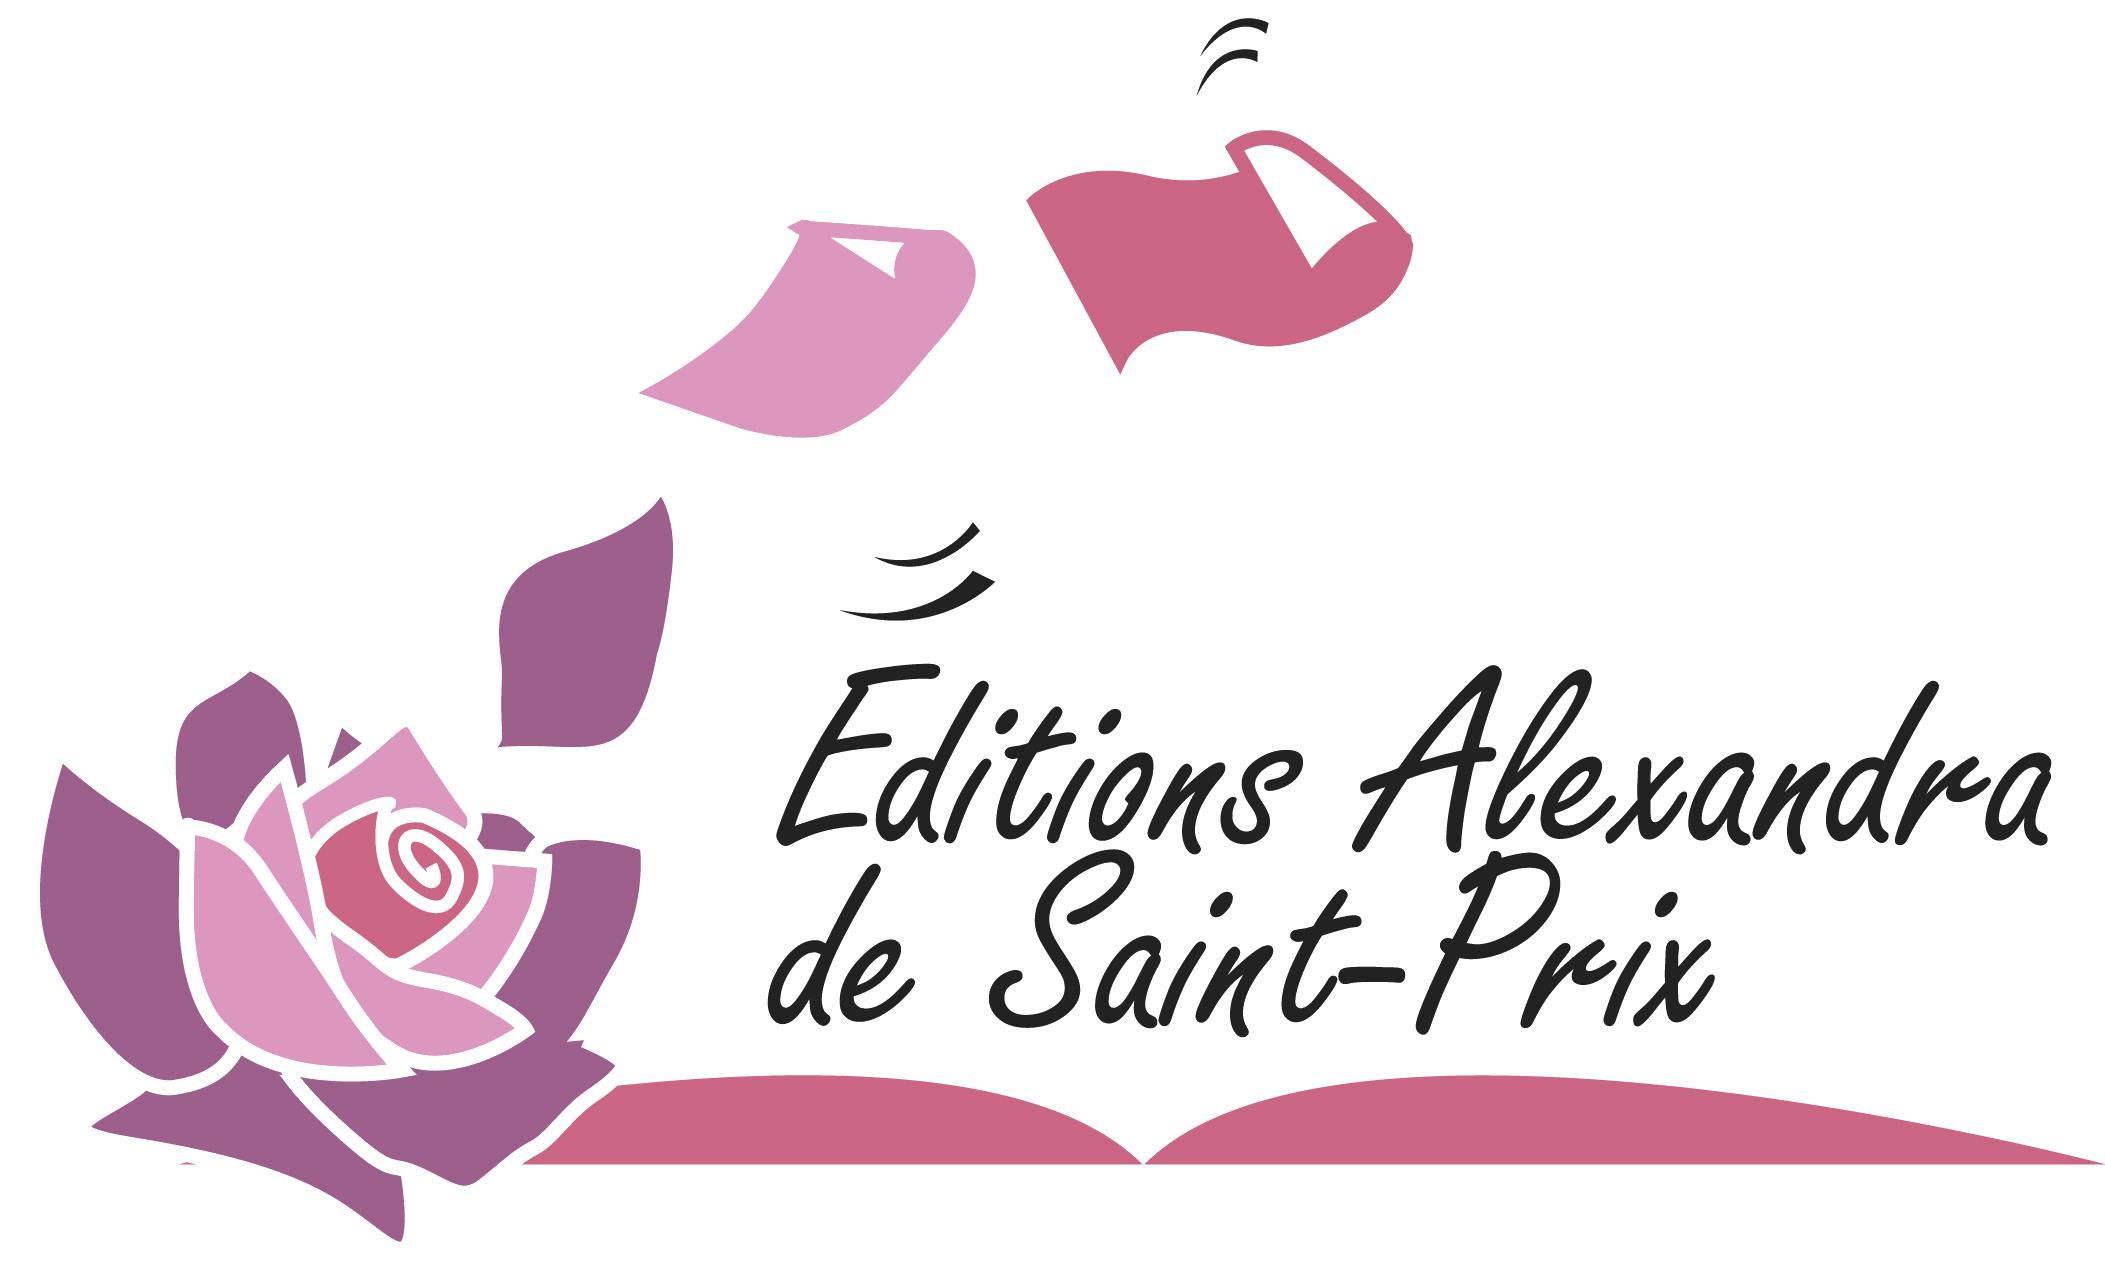 EDITIONS ALEXANDRA DE SAINT PRIX